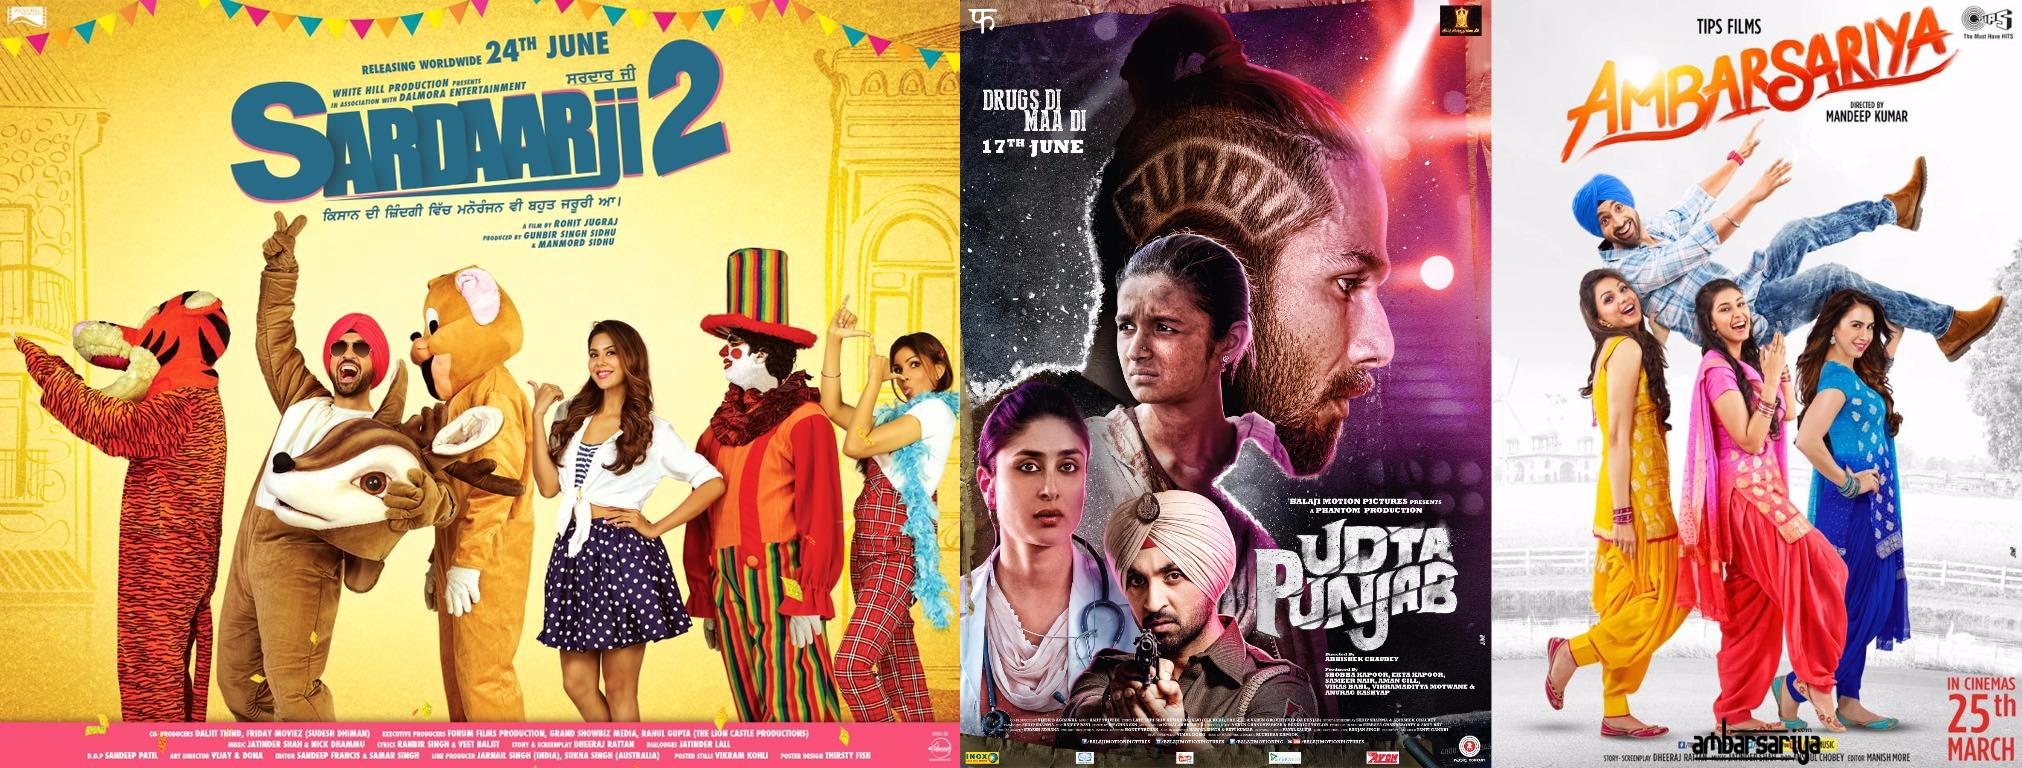 sardaar ji 2 movie watch online